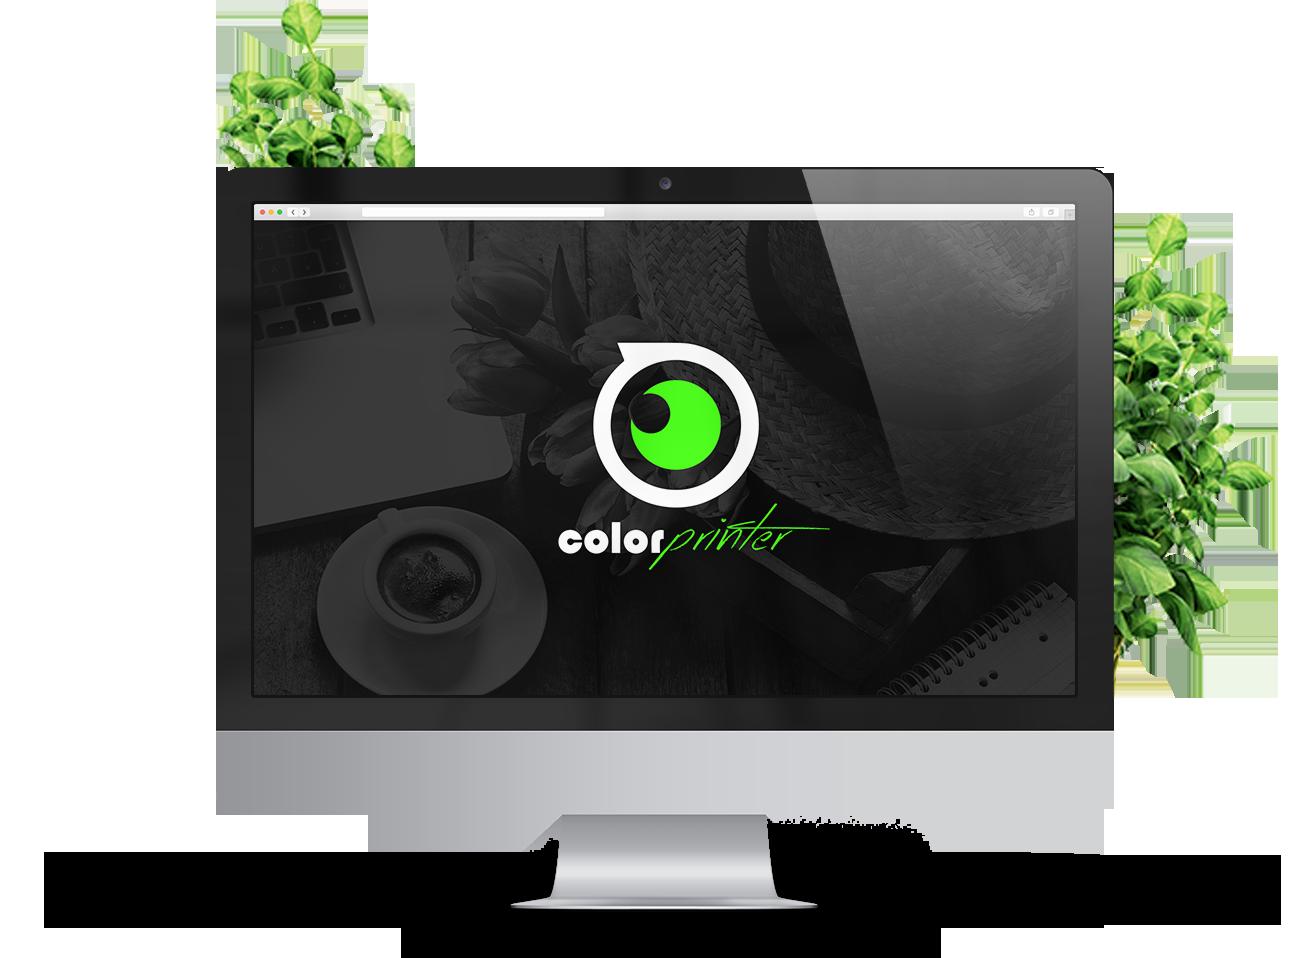 imprenta para ecommerces y negocios online